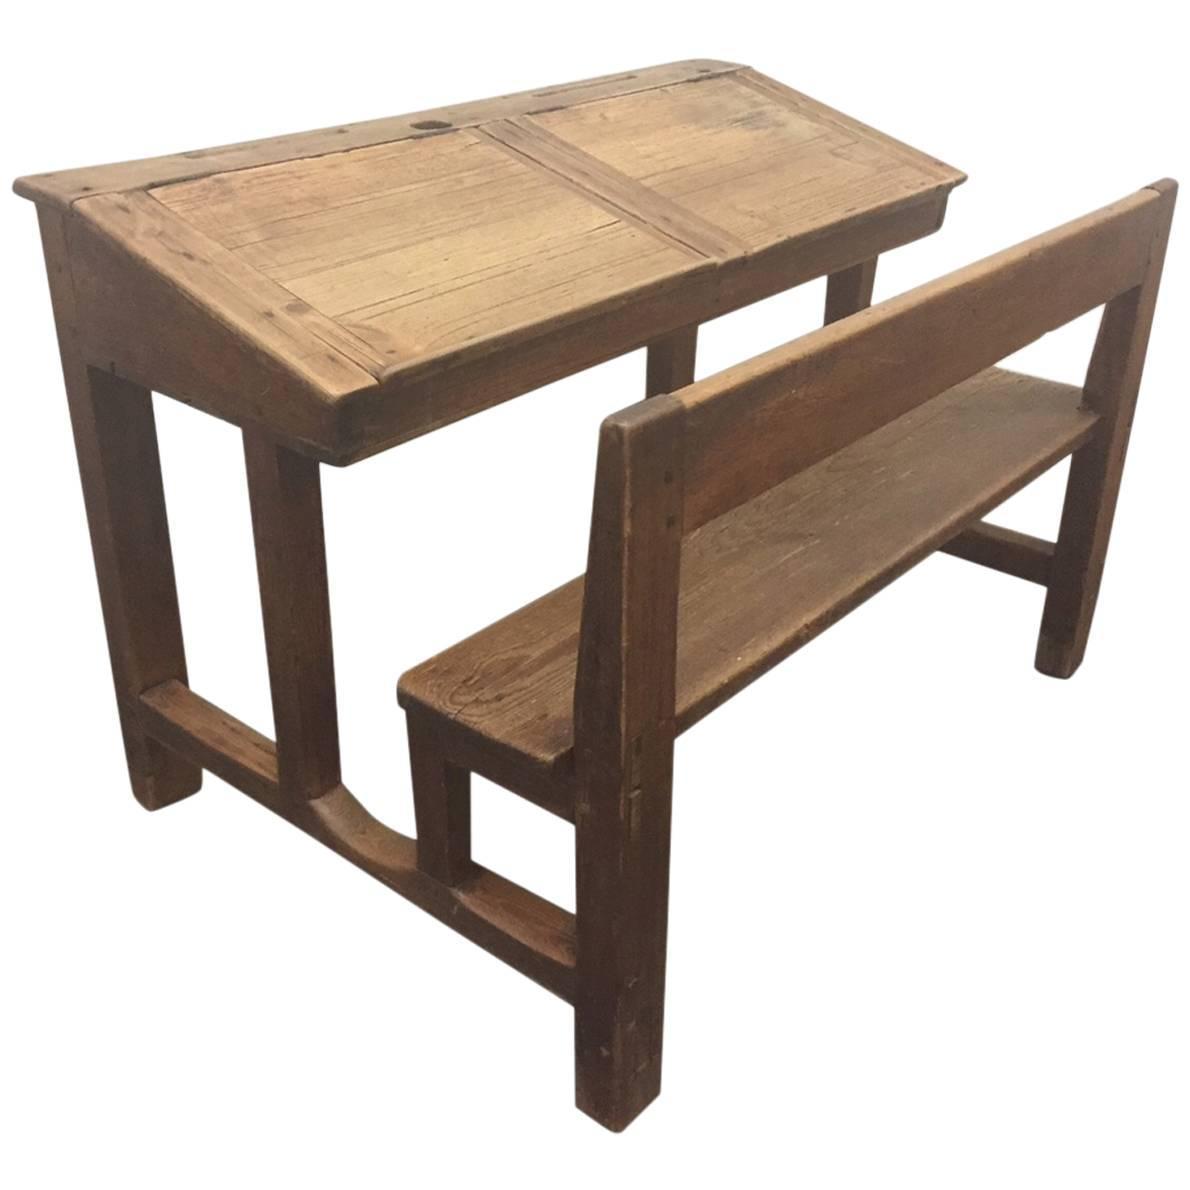 antique solid pine double school desk for sale at 1stdibs. Black Bedroom Furniture Sets. Home Design Ideas